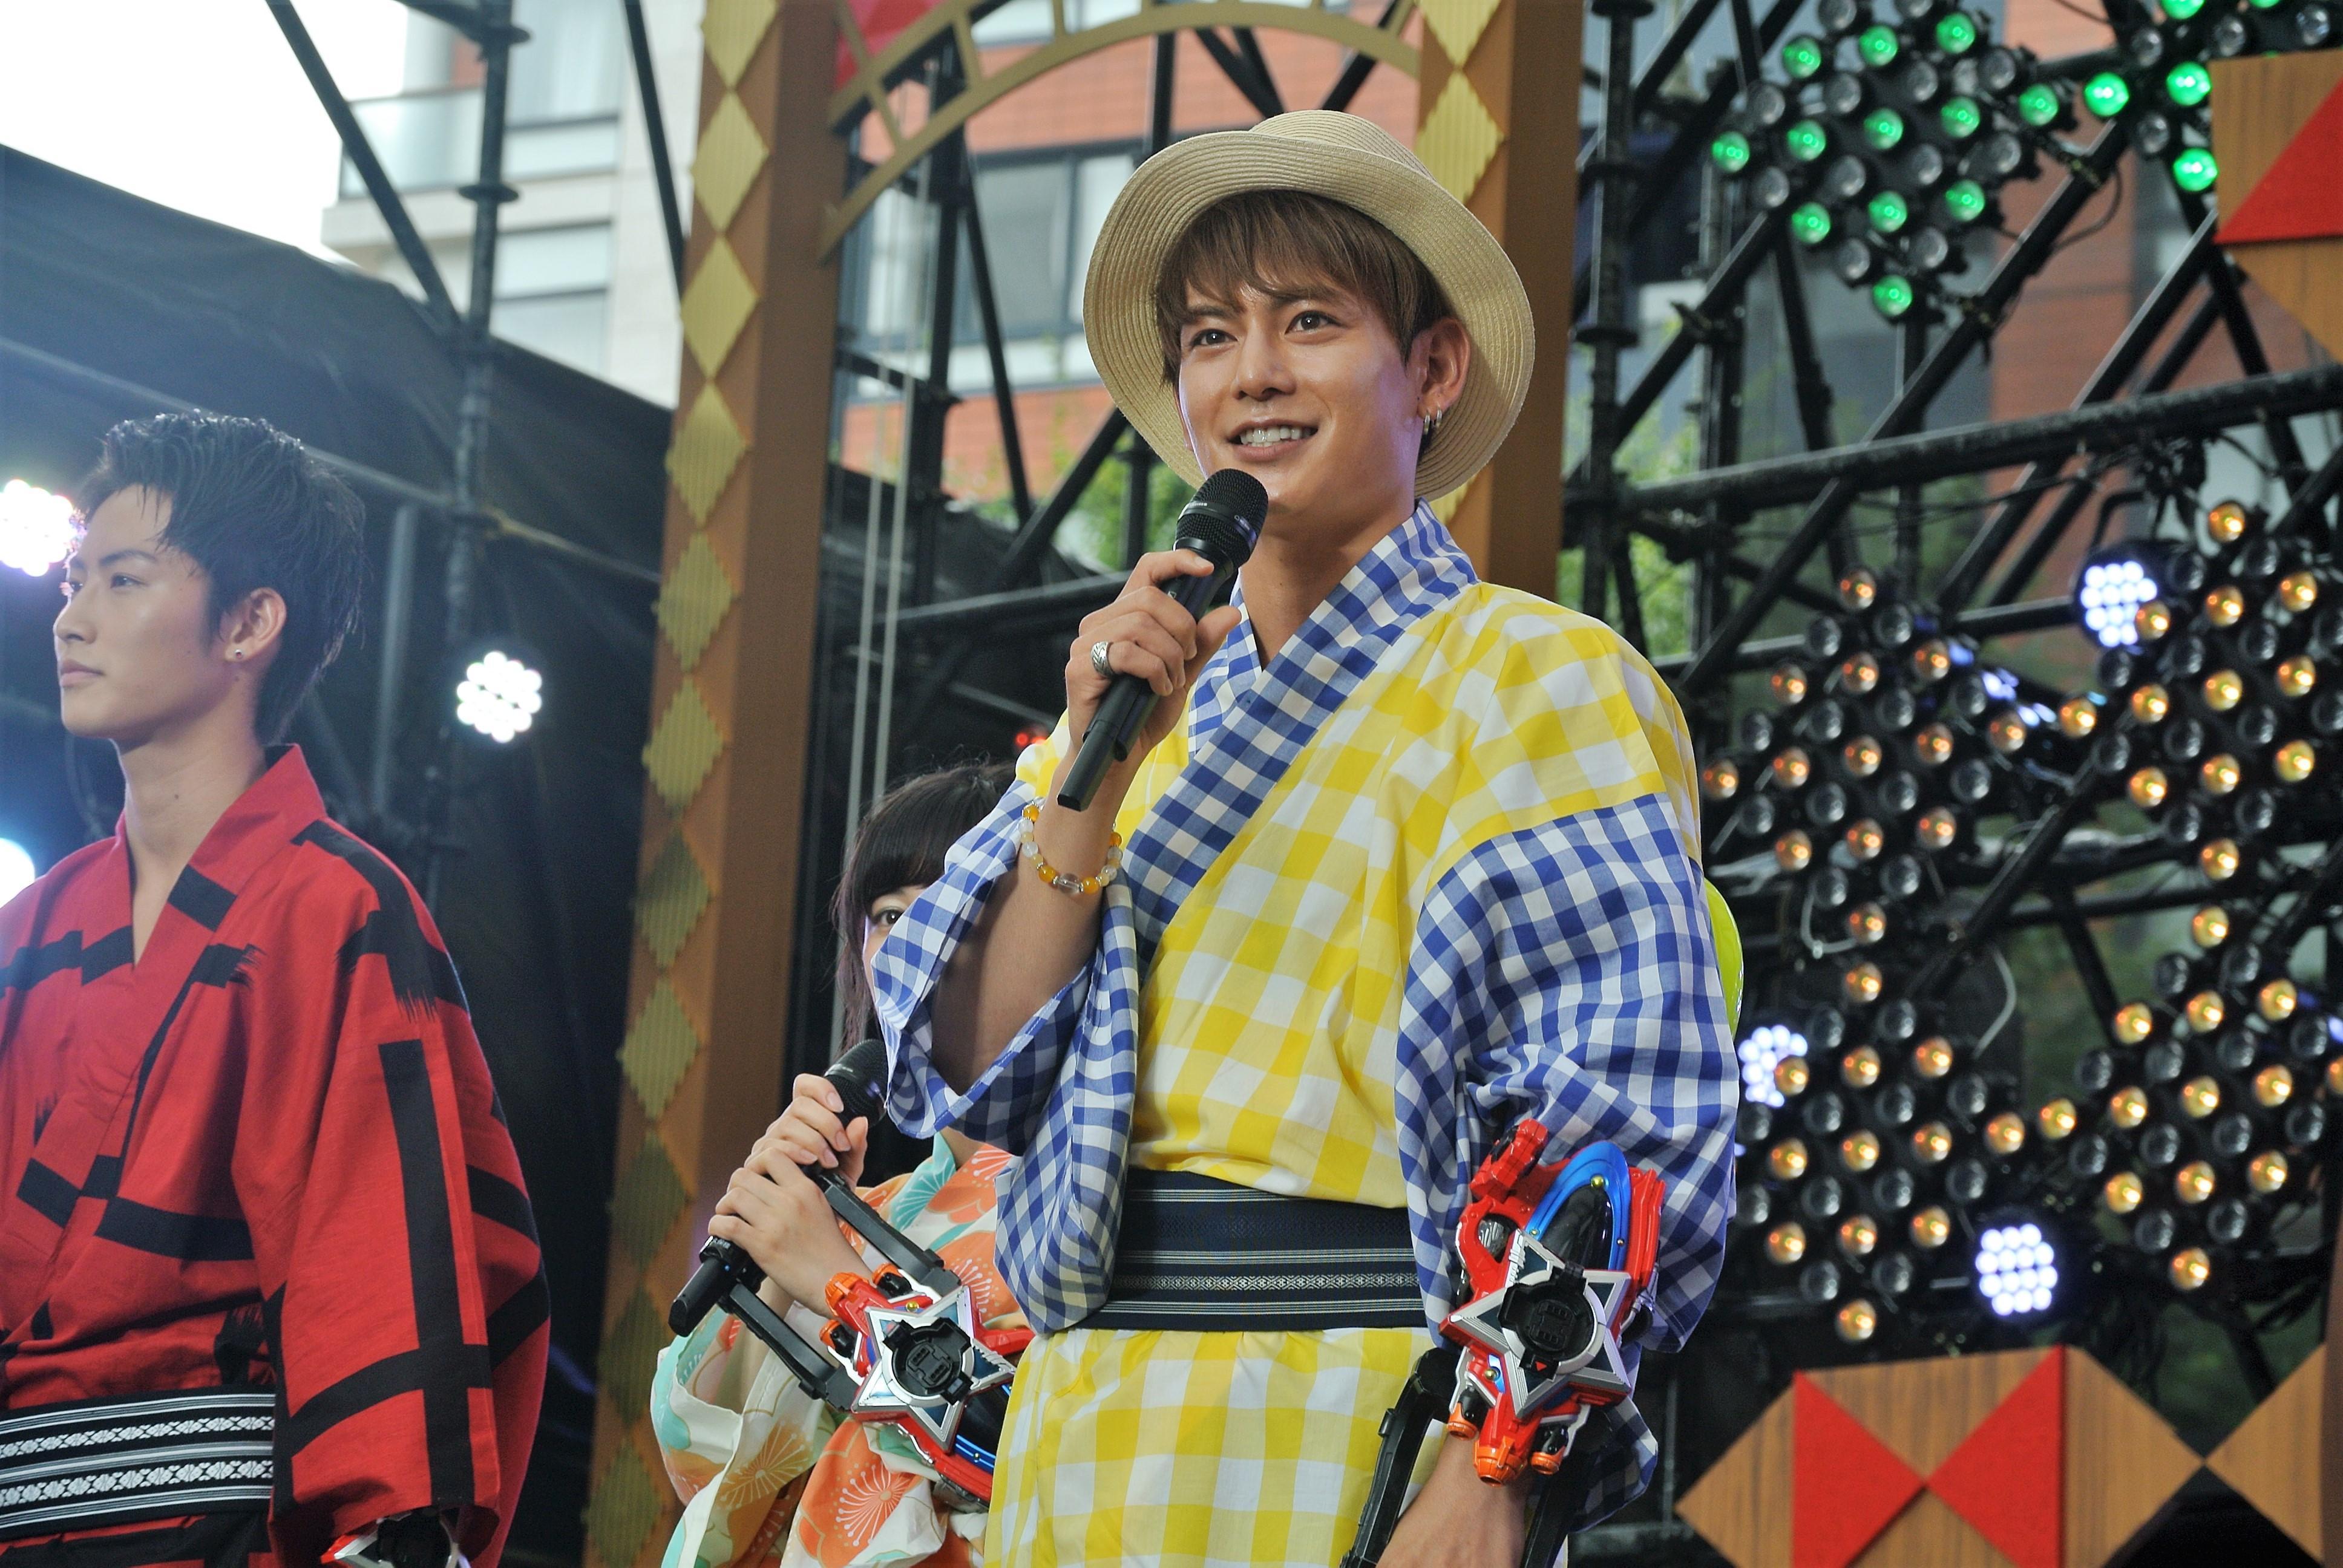 http://news.yoshimoto.co.jp/20170731174925-63b0ecf20fdfc64fb142ec9fd6324ee089b0bc44.jpg